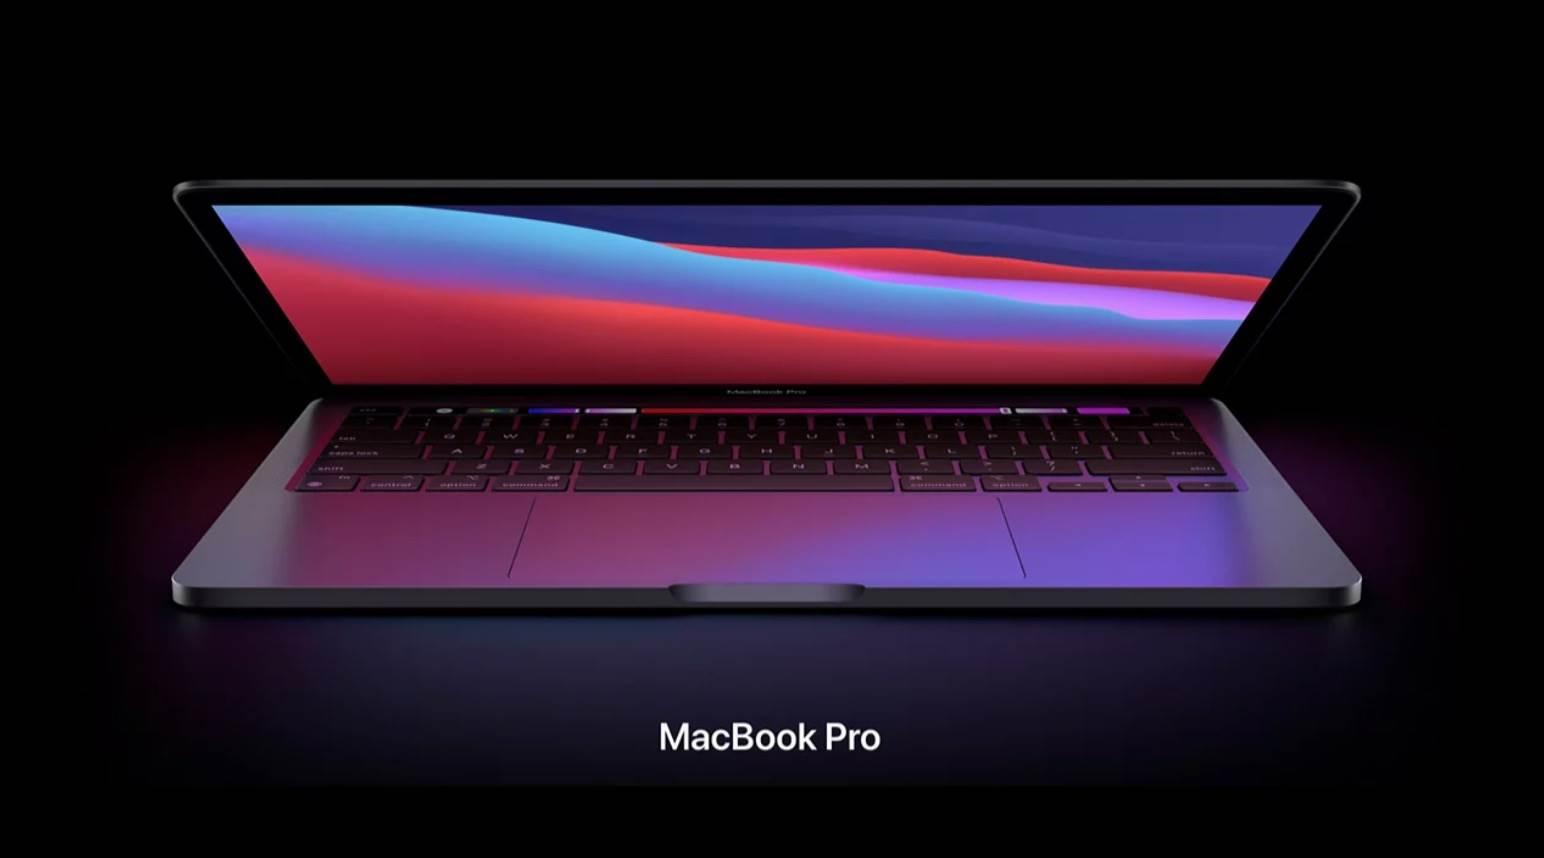 Nowy 13-calowy MacBook Pro z chipem M1 oficjalnie zaprezentowany polecane, ciekawostki MacBook Pro z czipem M1, MacBook Pro, M1, Apple  Wczoraj oprócz MacBook Air 2020, Apple zaprezentowało światu także nowego 13-calowego MacBook Pro z czipem M1. 1@2x 16